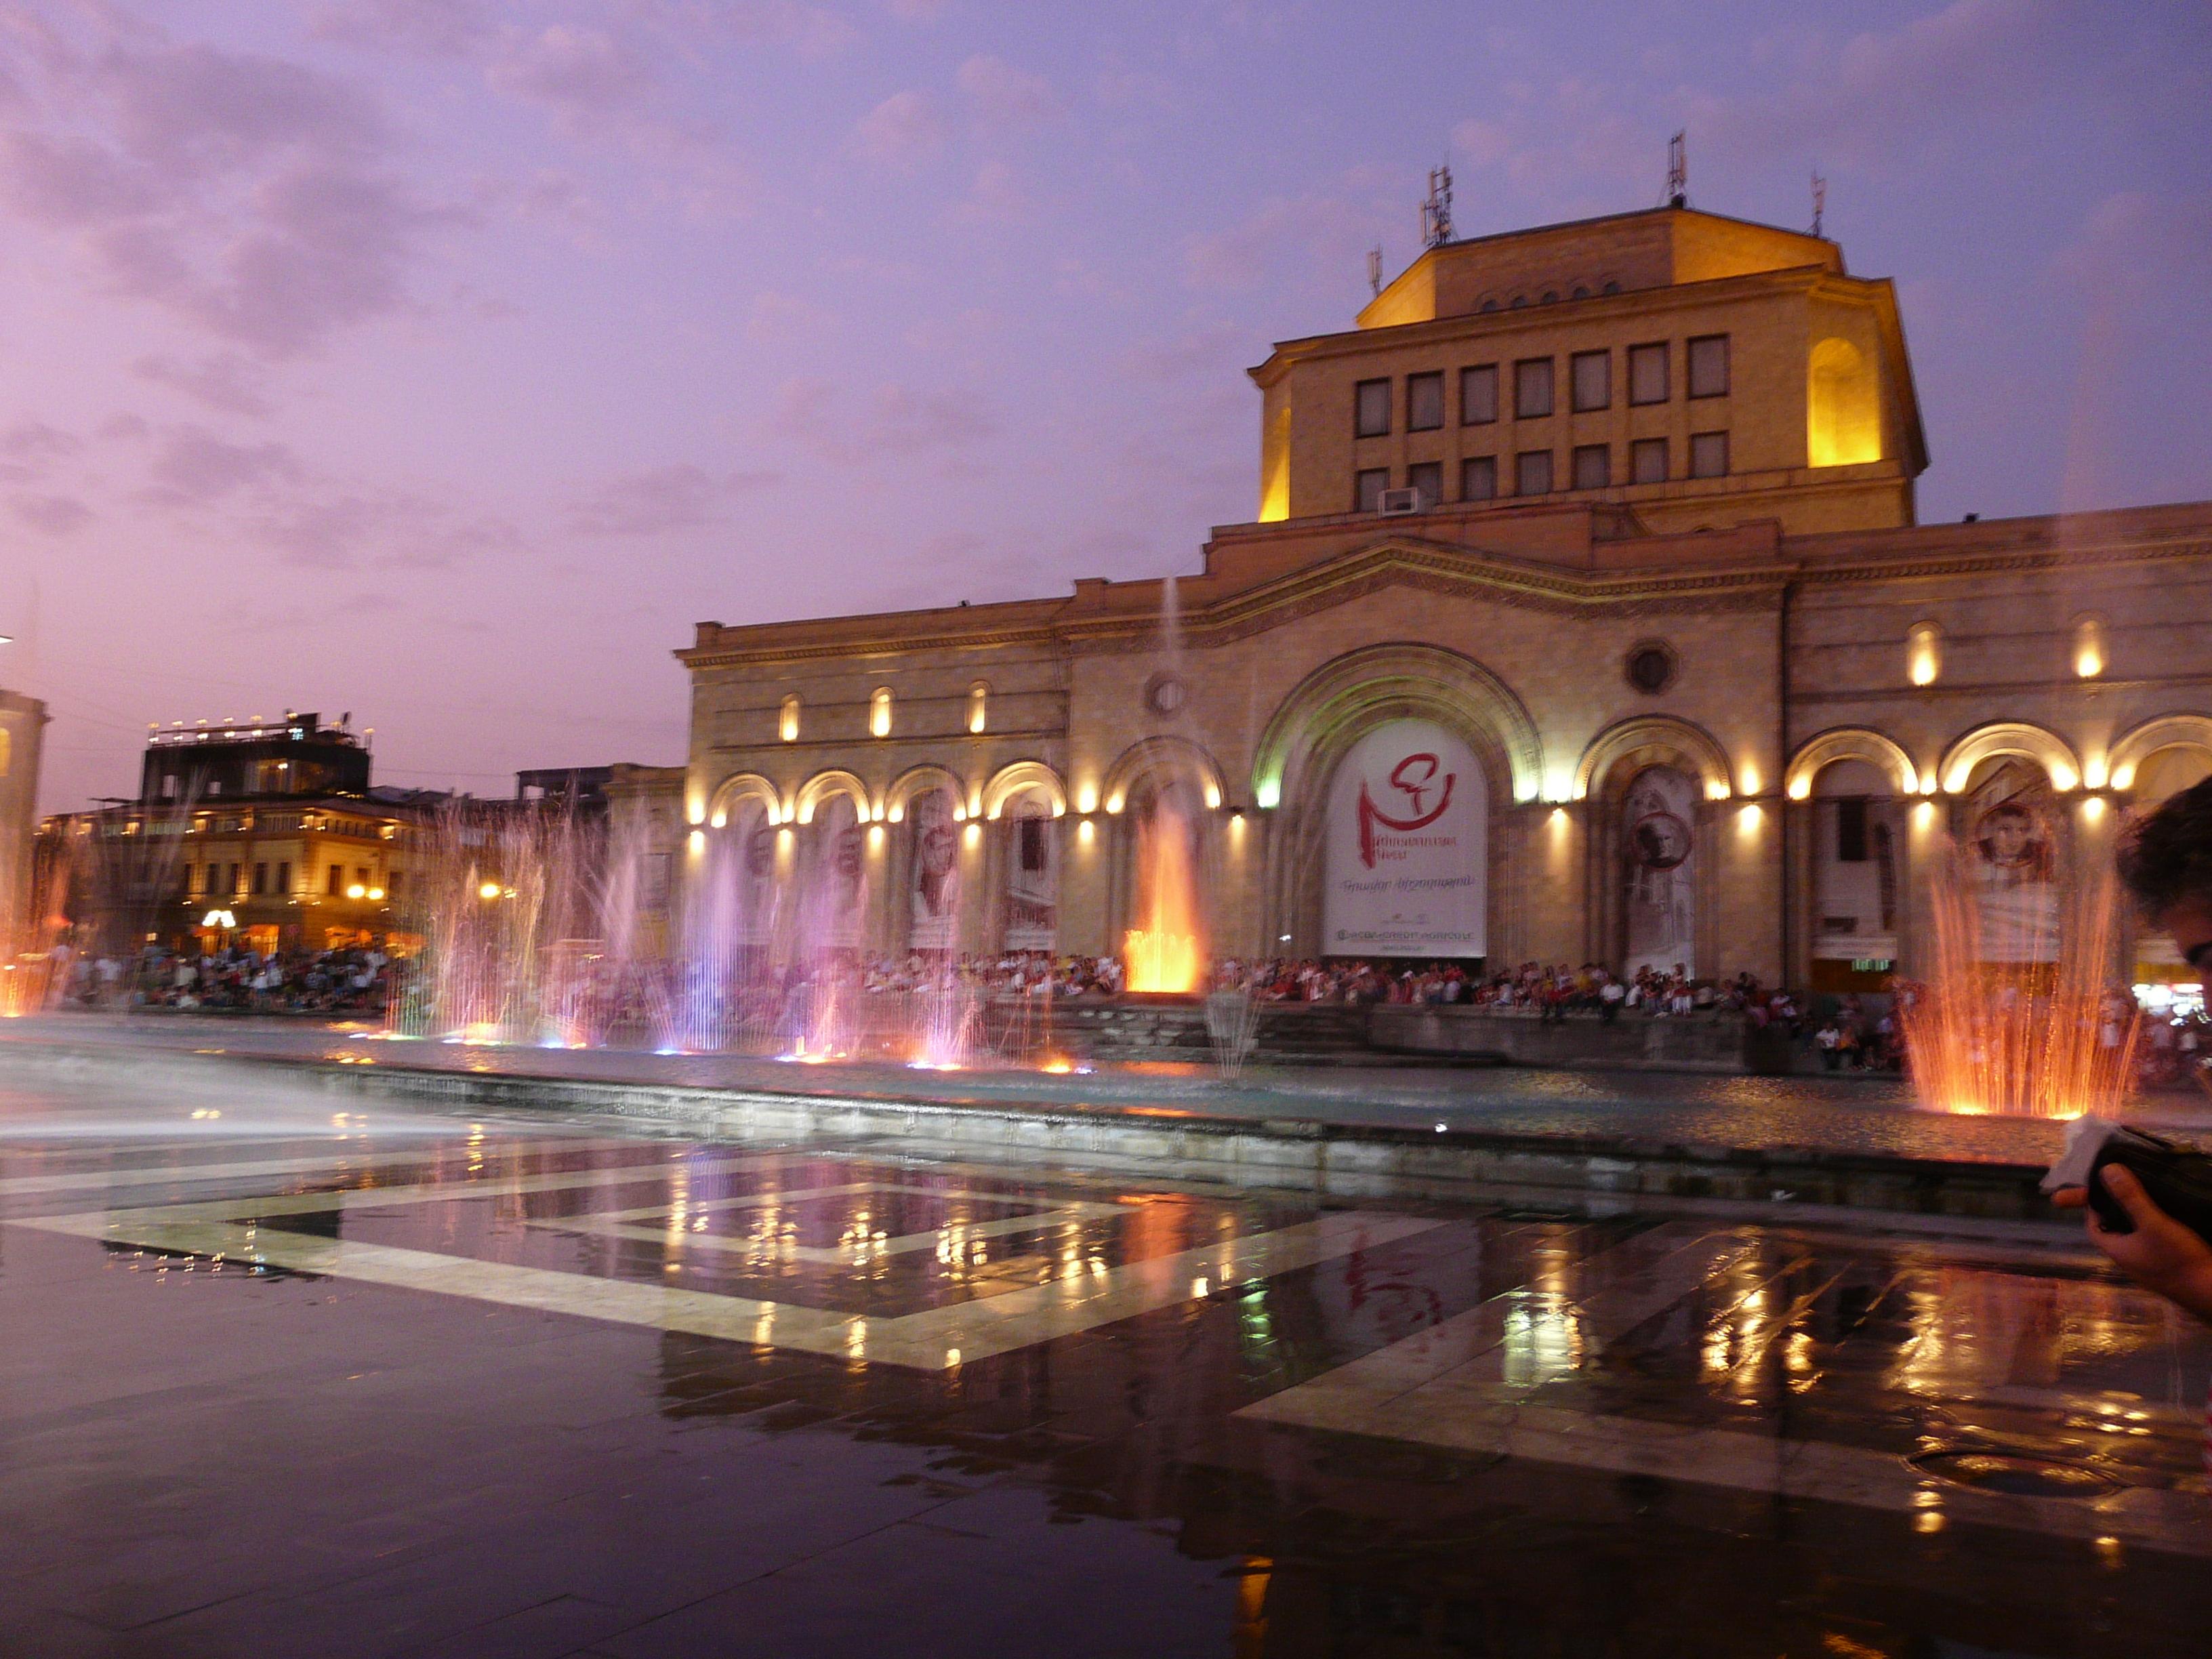 Największa fontanna w Erewaniu. Każdego wieczoru zachęca przechodniów do podziwiania świateł i spędzania czasu z bliskimi .